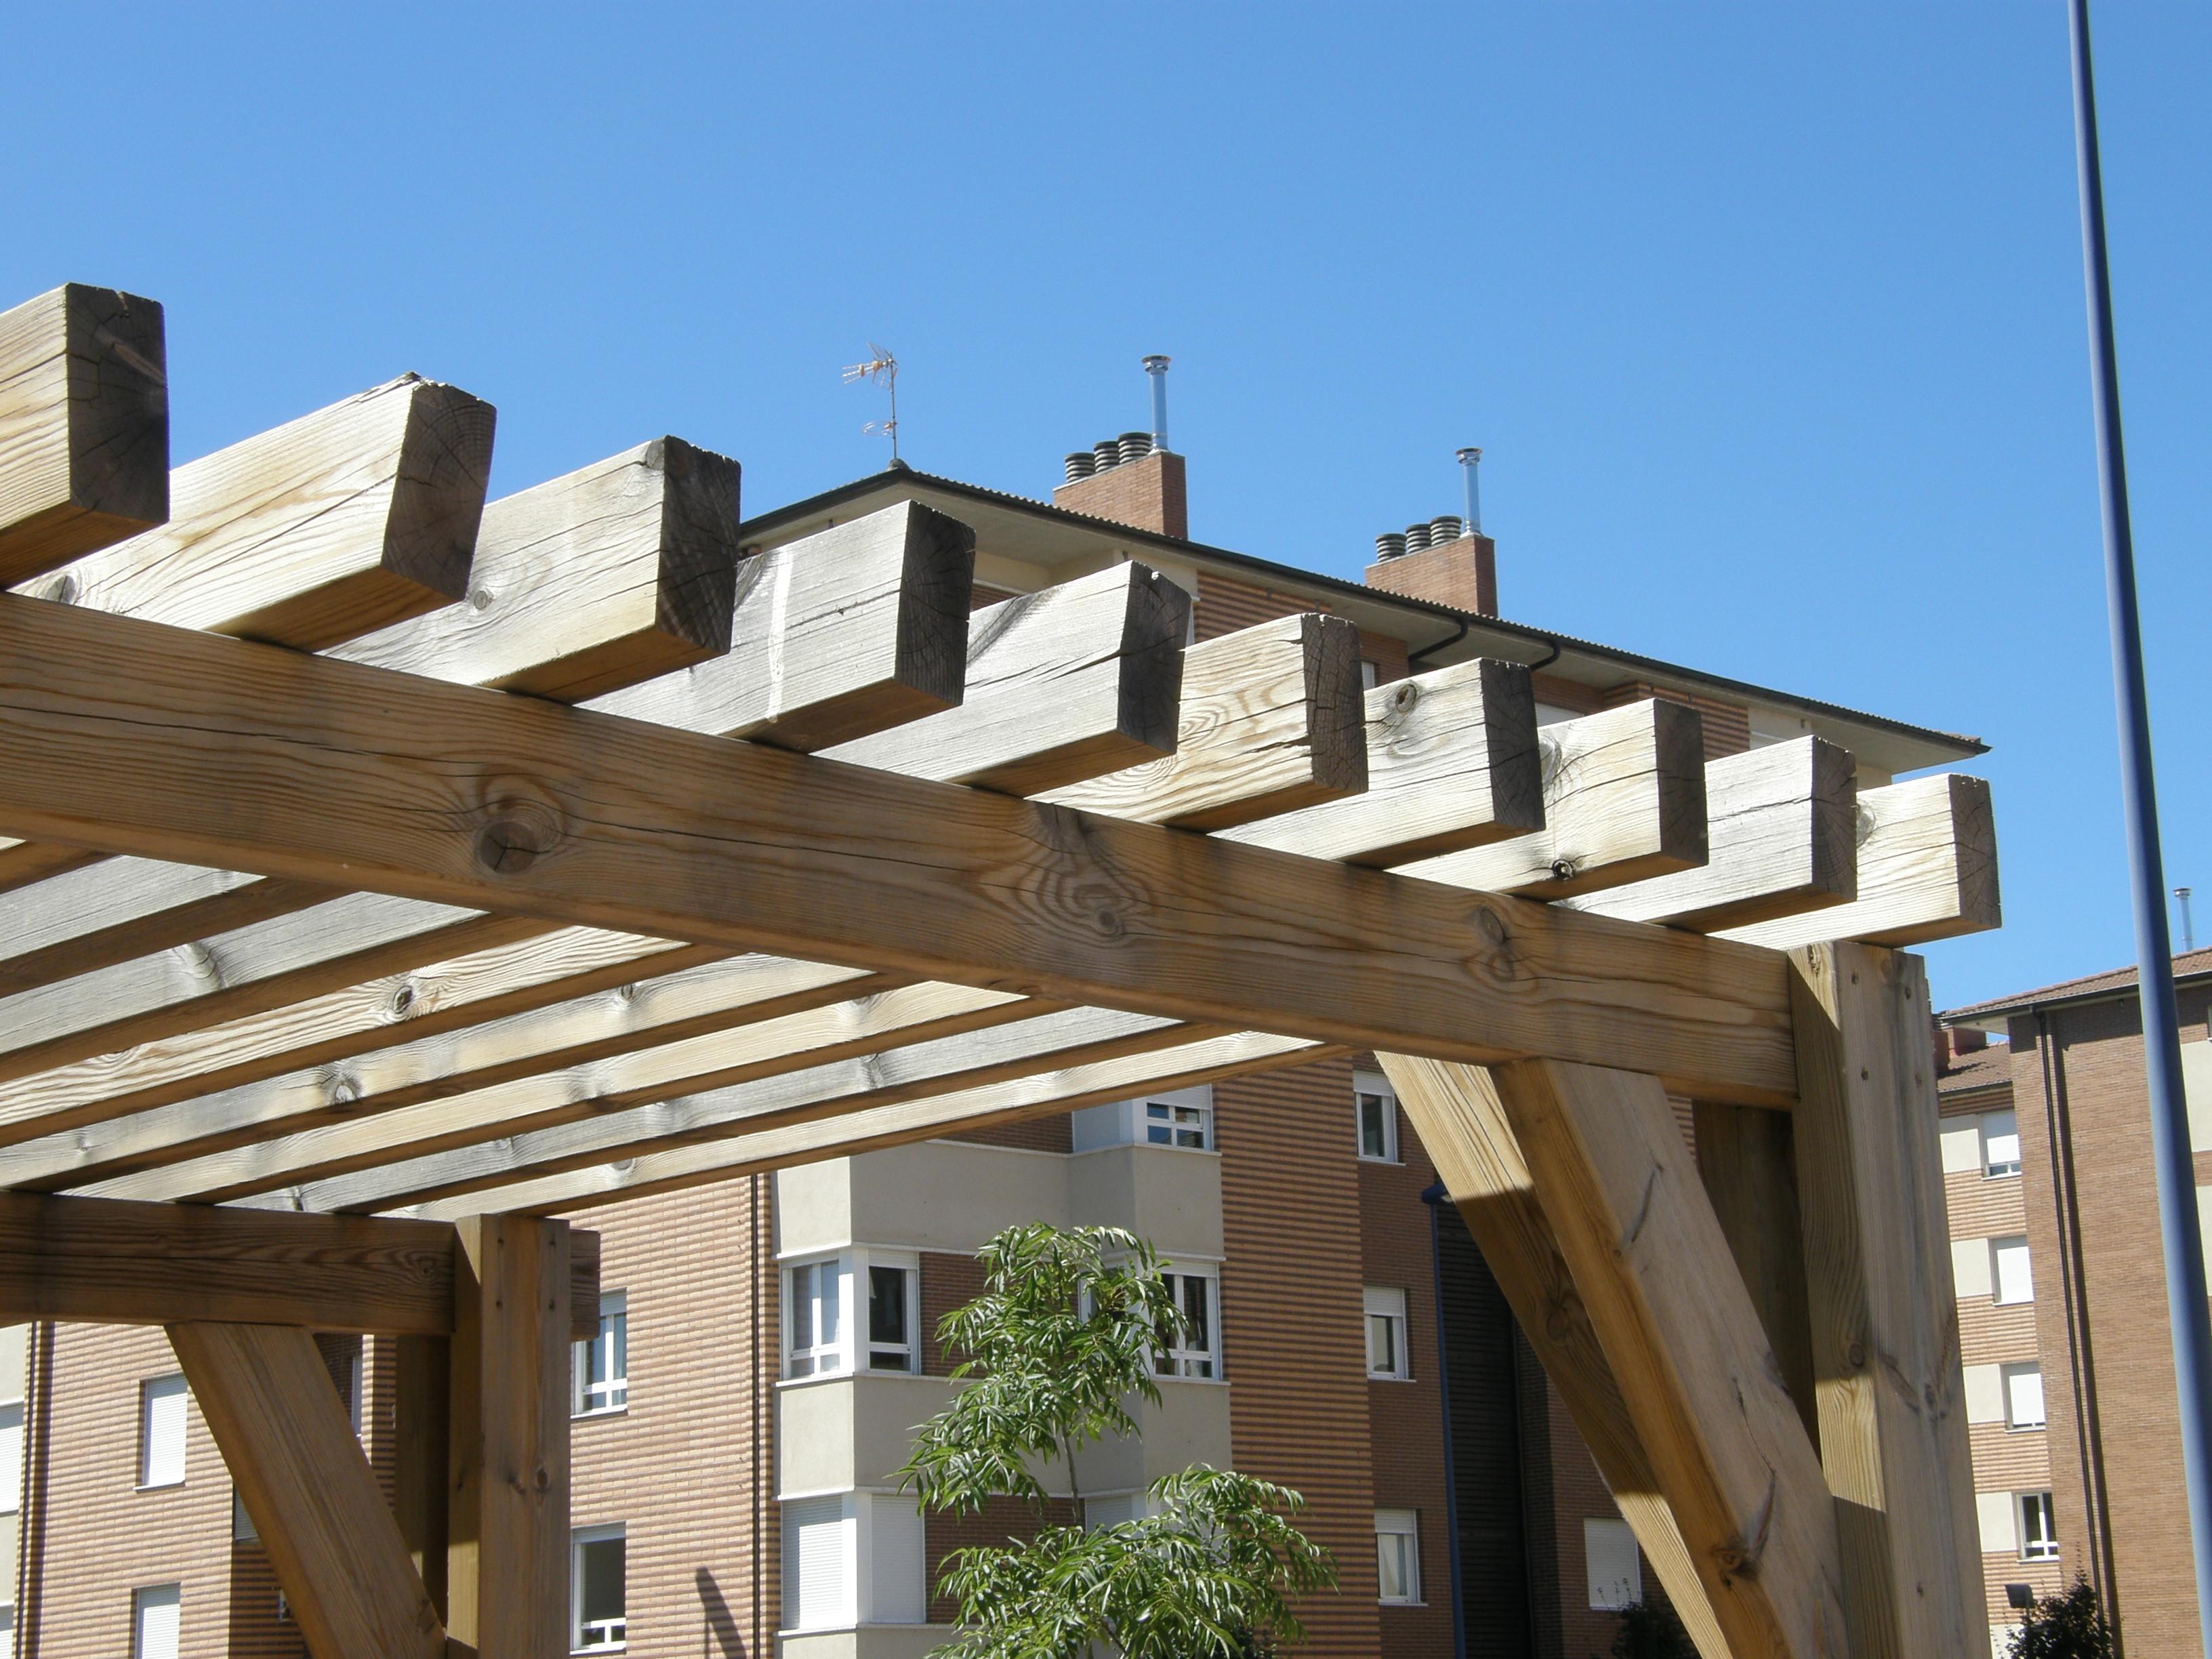 Estructuras de madera al exterior madera estructural - Madera tratada para exterior ...